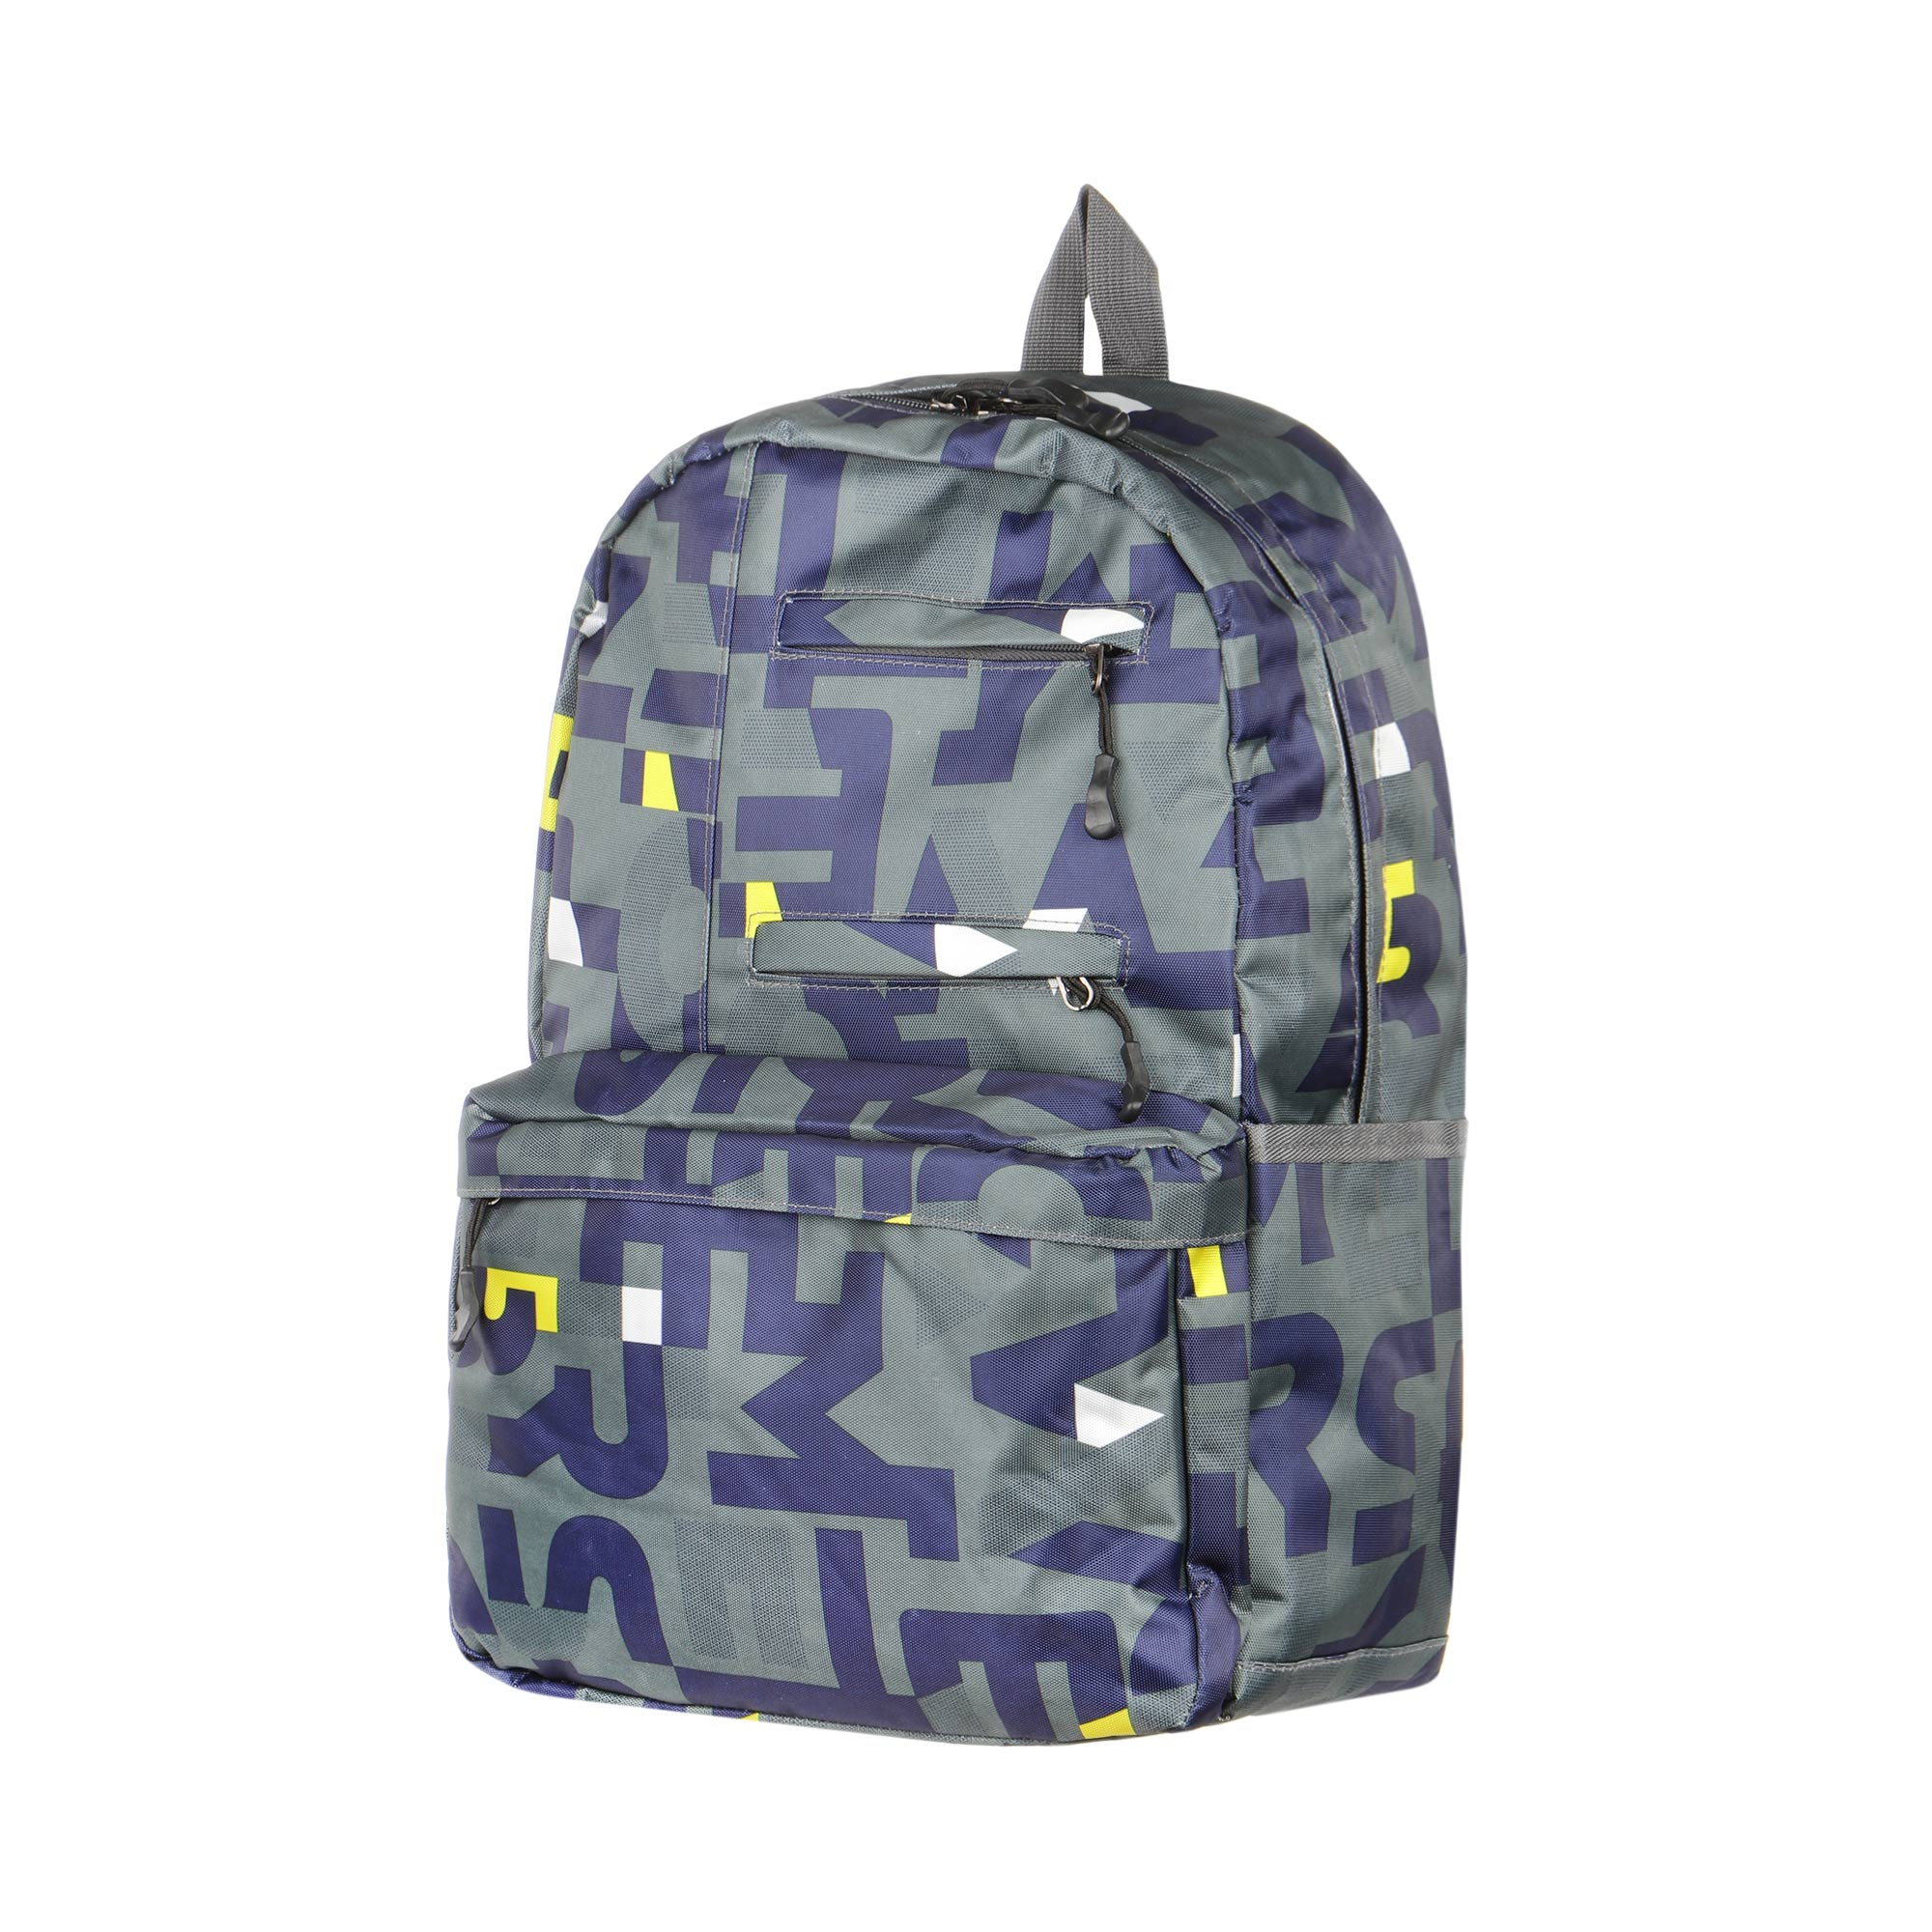 Рюкзак Baoding синий иероглифы 34x20x18cm рюкзак chill синий деним